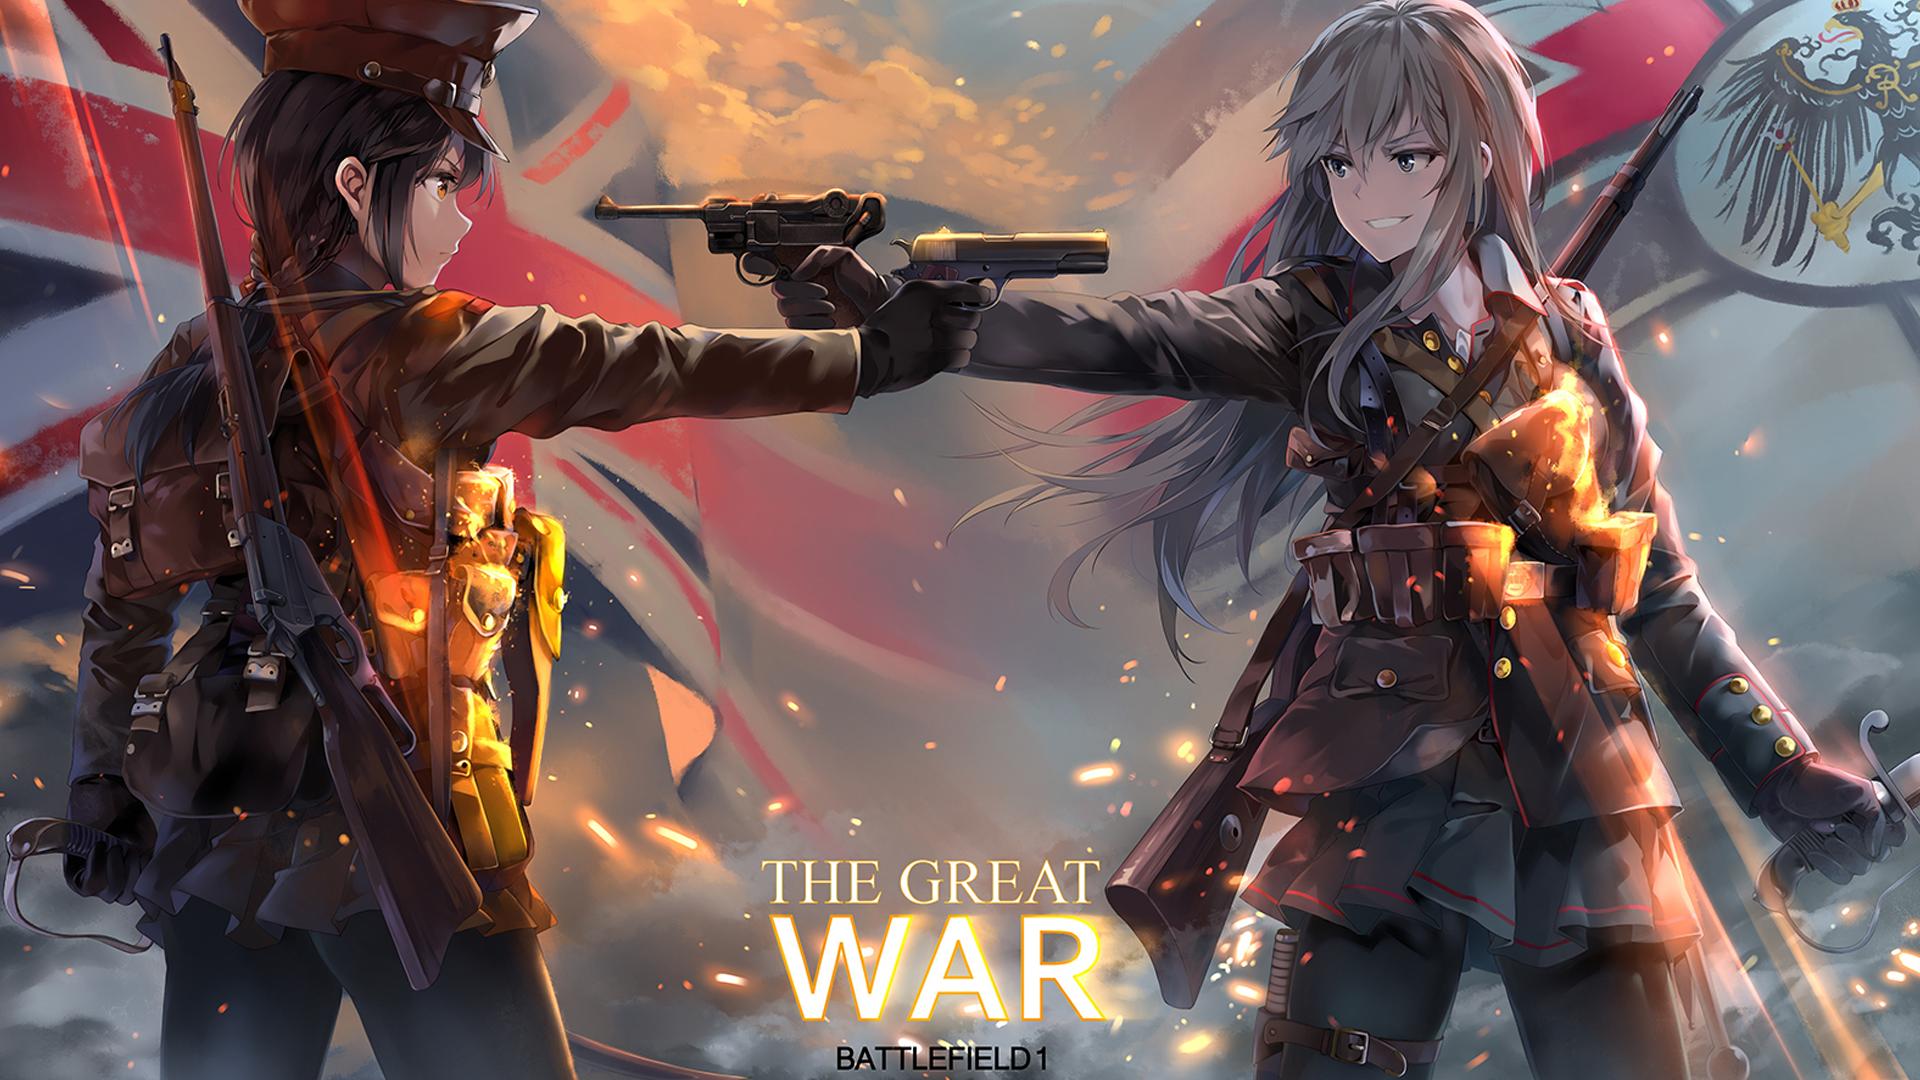 Battlefield 1 War Video Game Hd Wallpaper: The Great War (1920x1080) HD Wallpaper From Gallsource.com